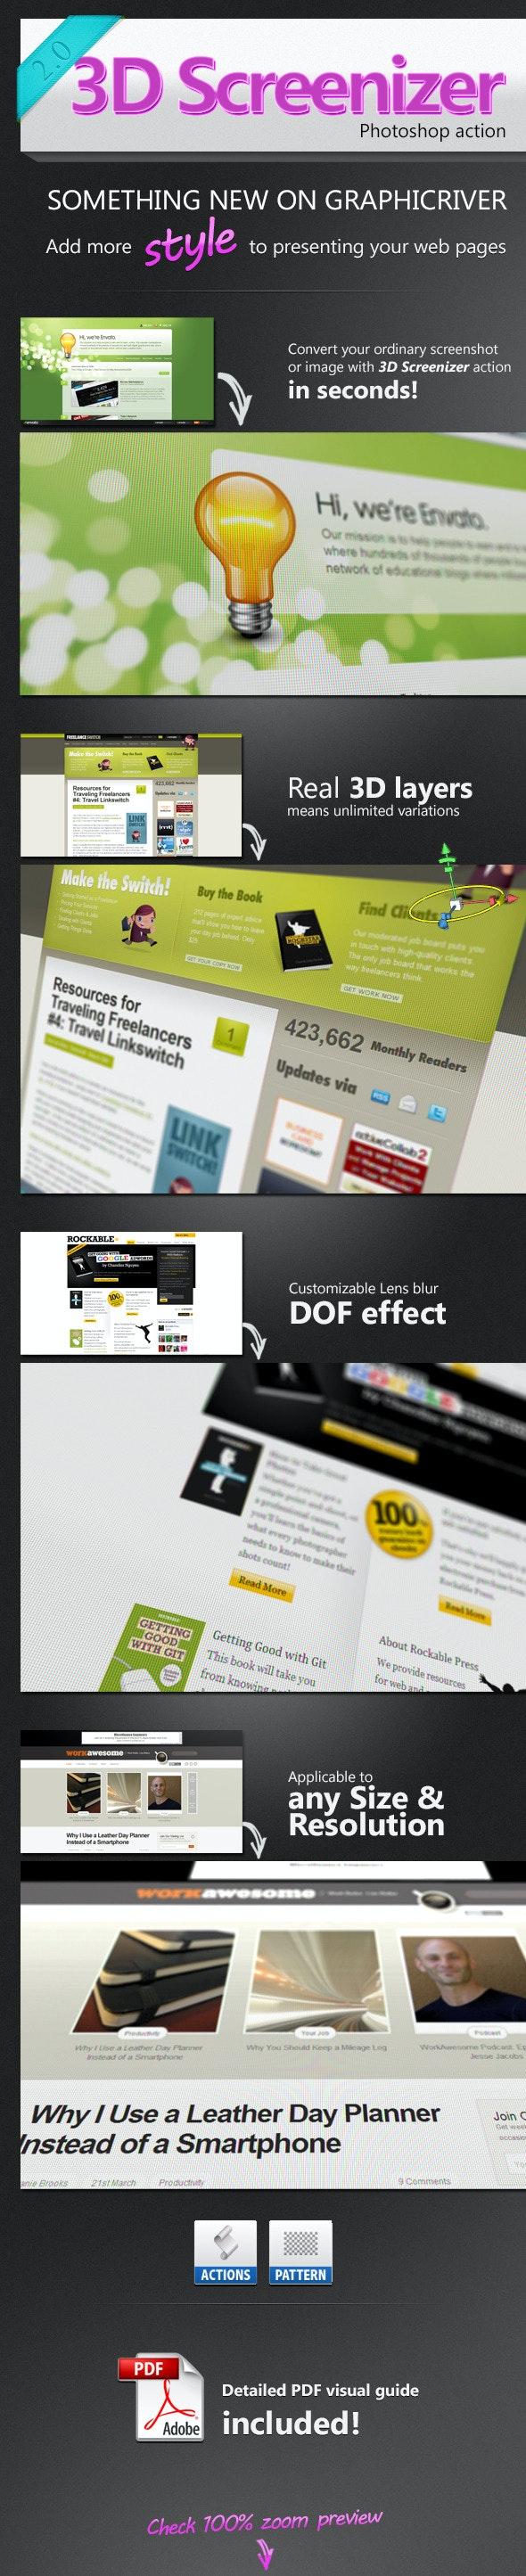 3D Screenizer - Utilities Actions